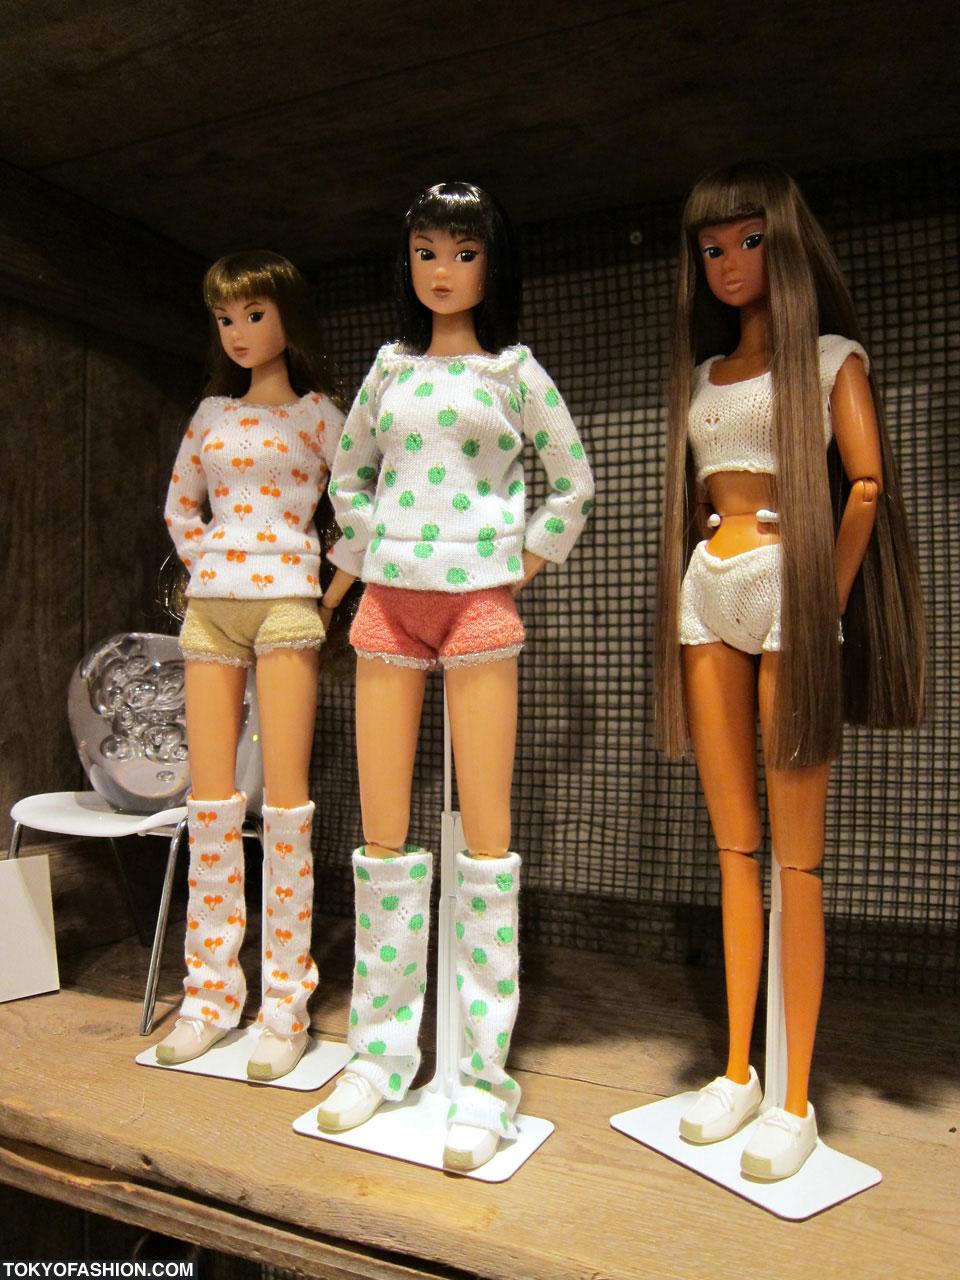 Japanese lingerie show